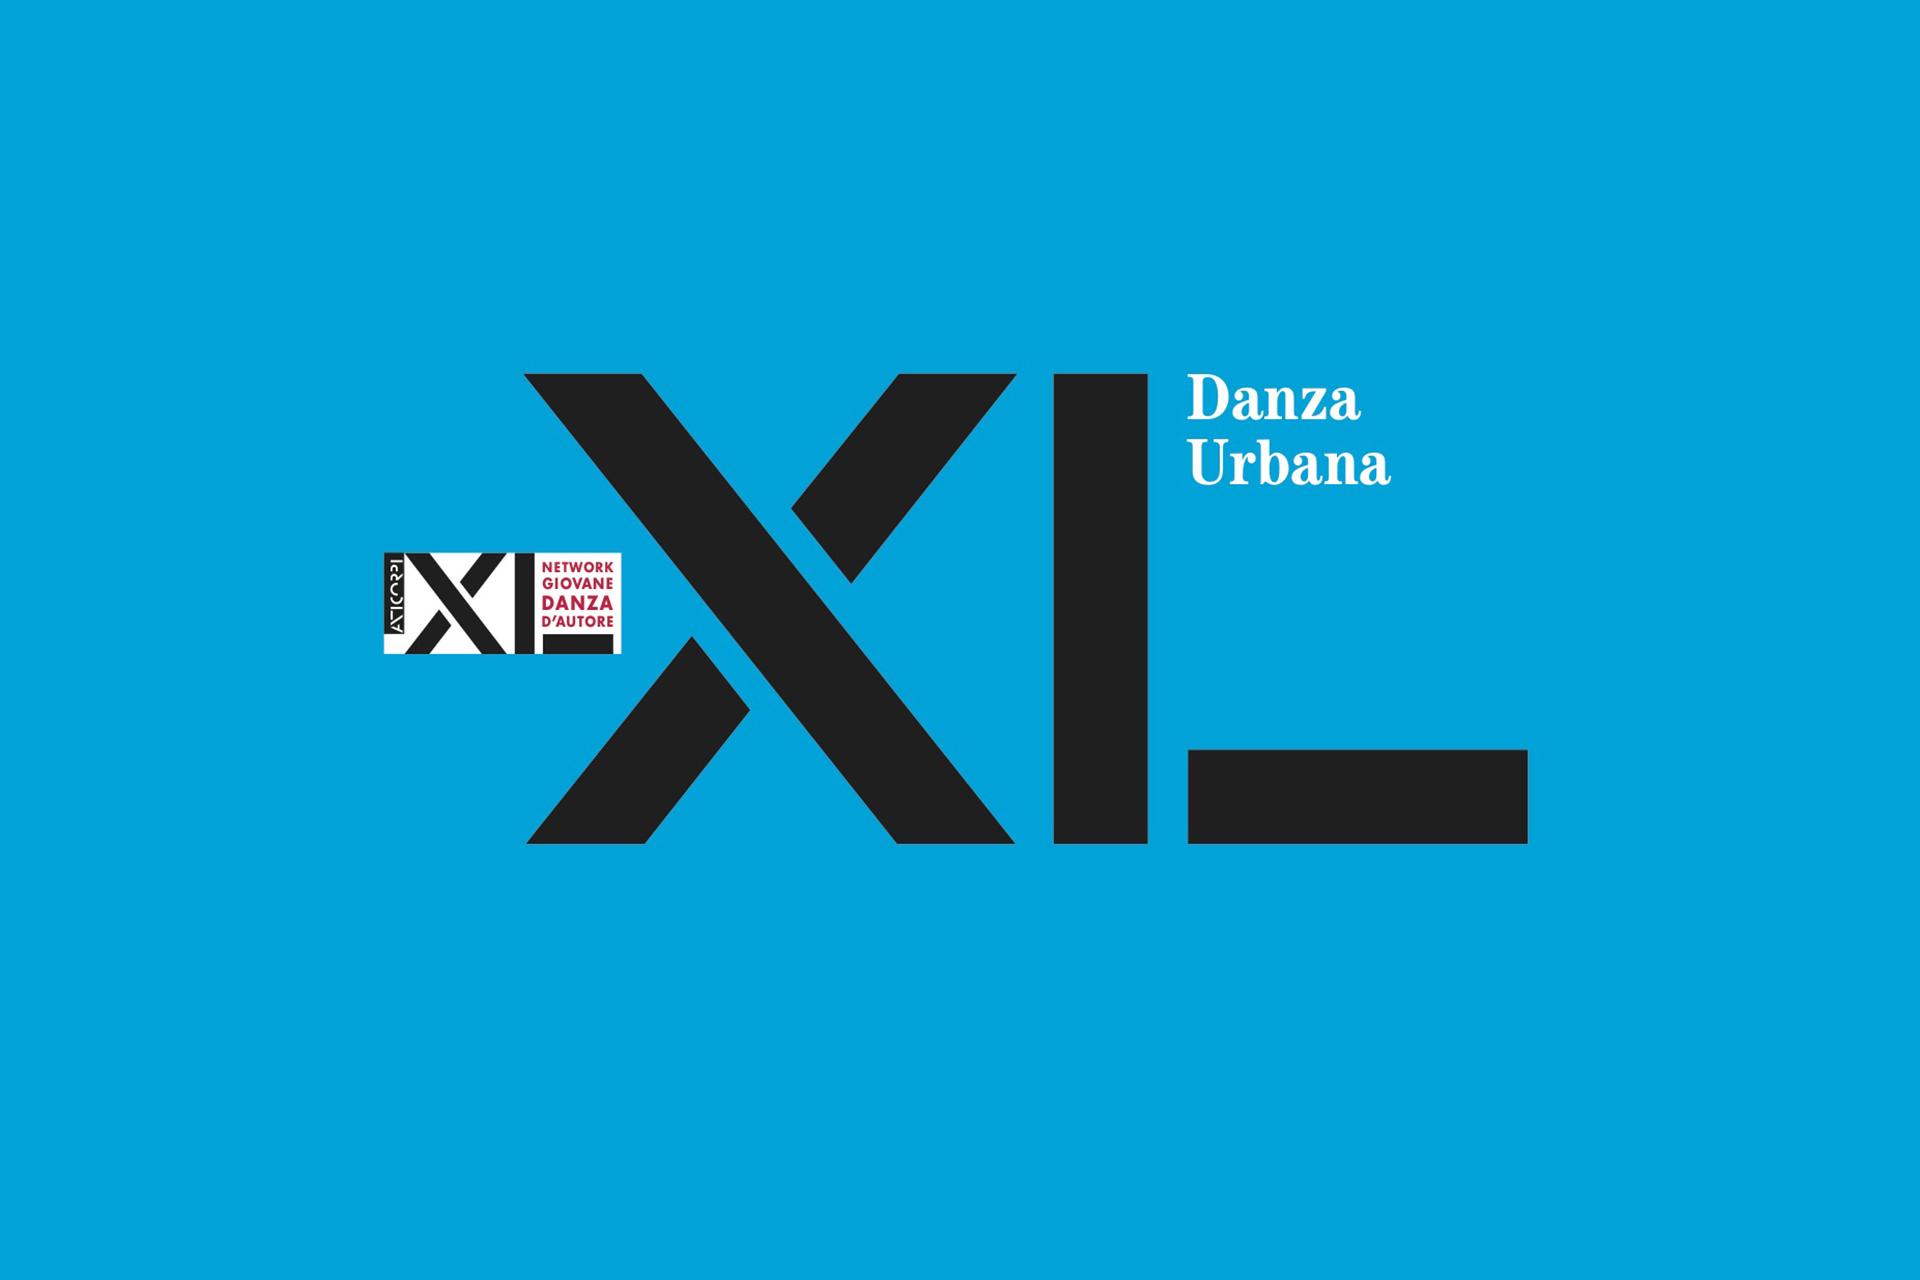 Danza Urbana XL banner